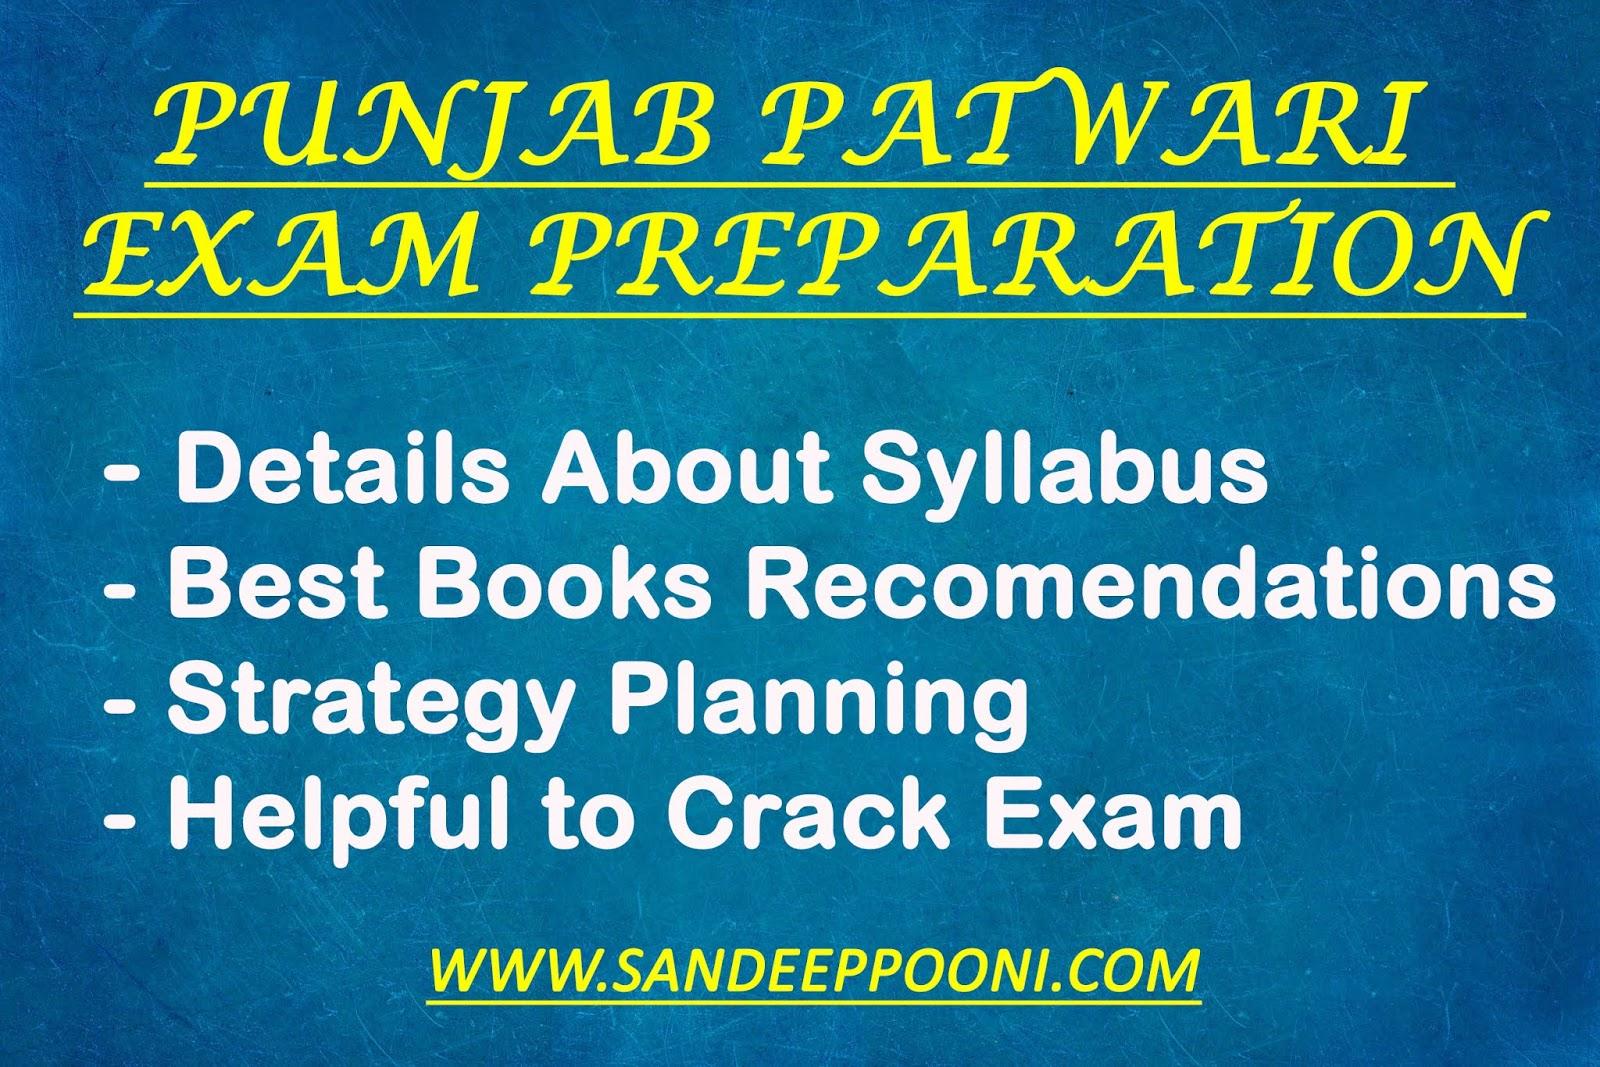 Patwari Exam Book Pdf